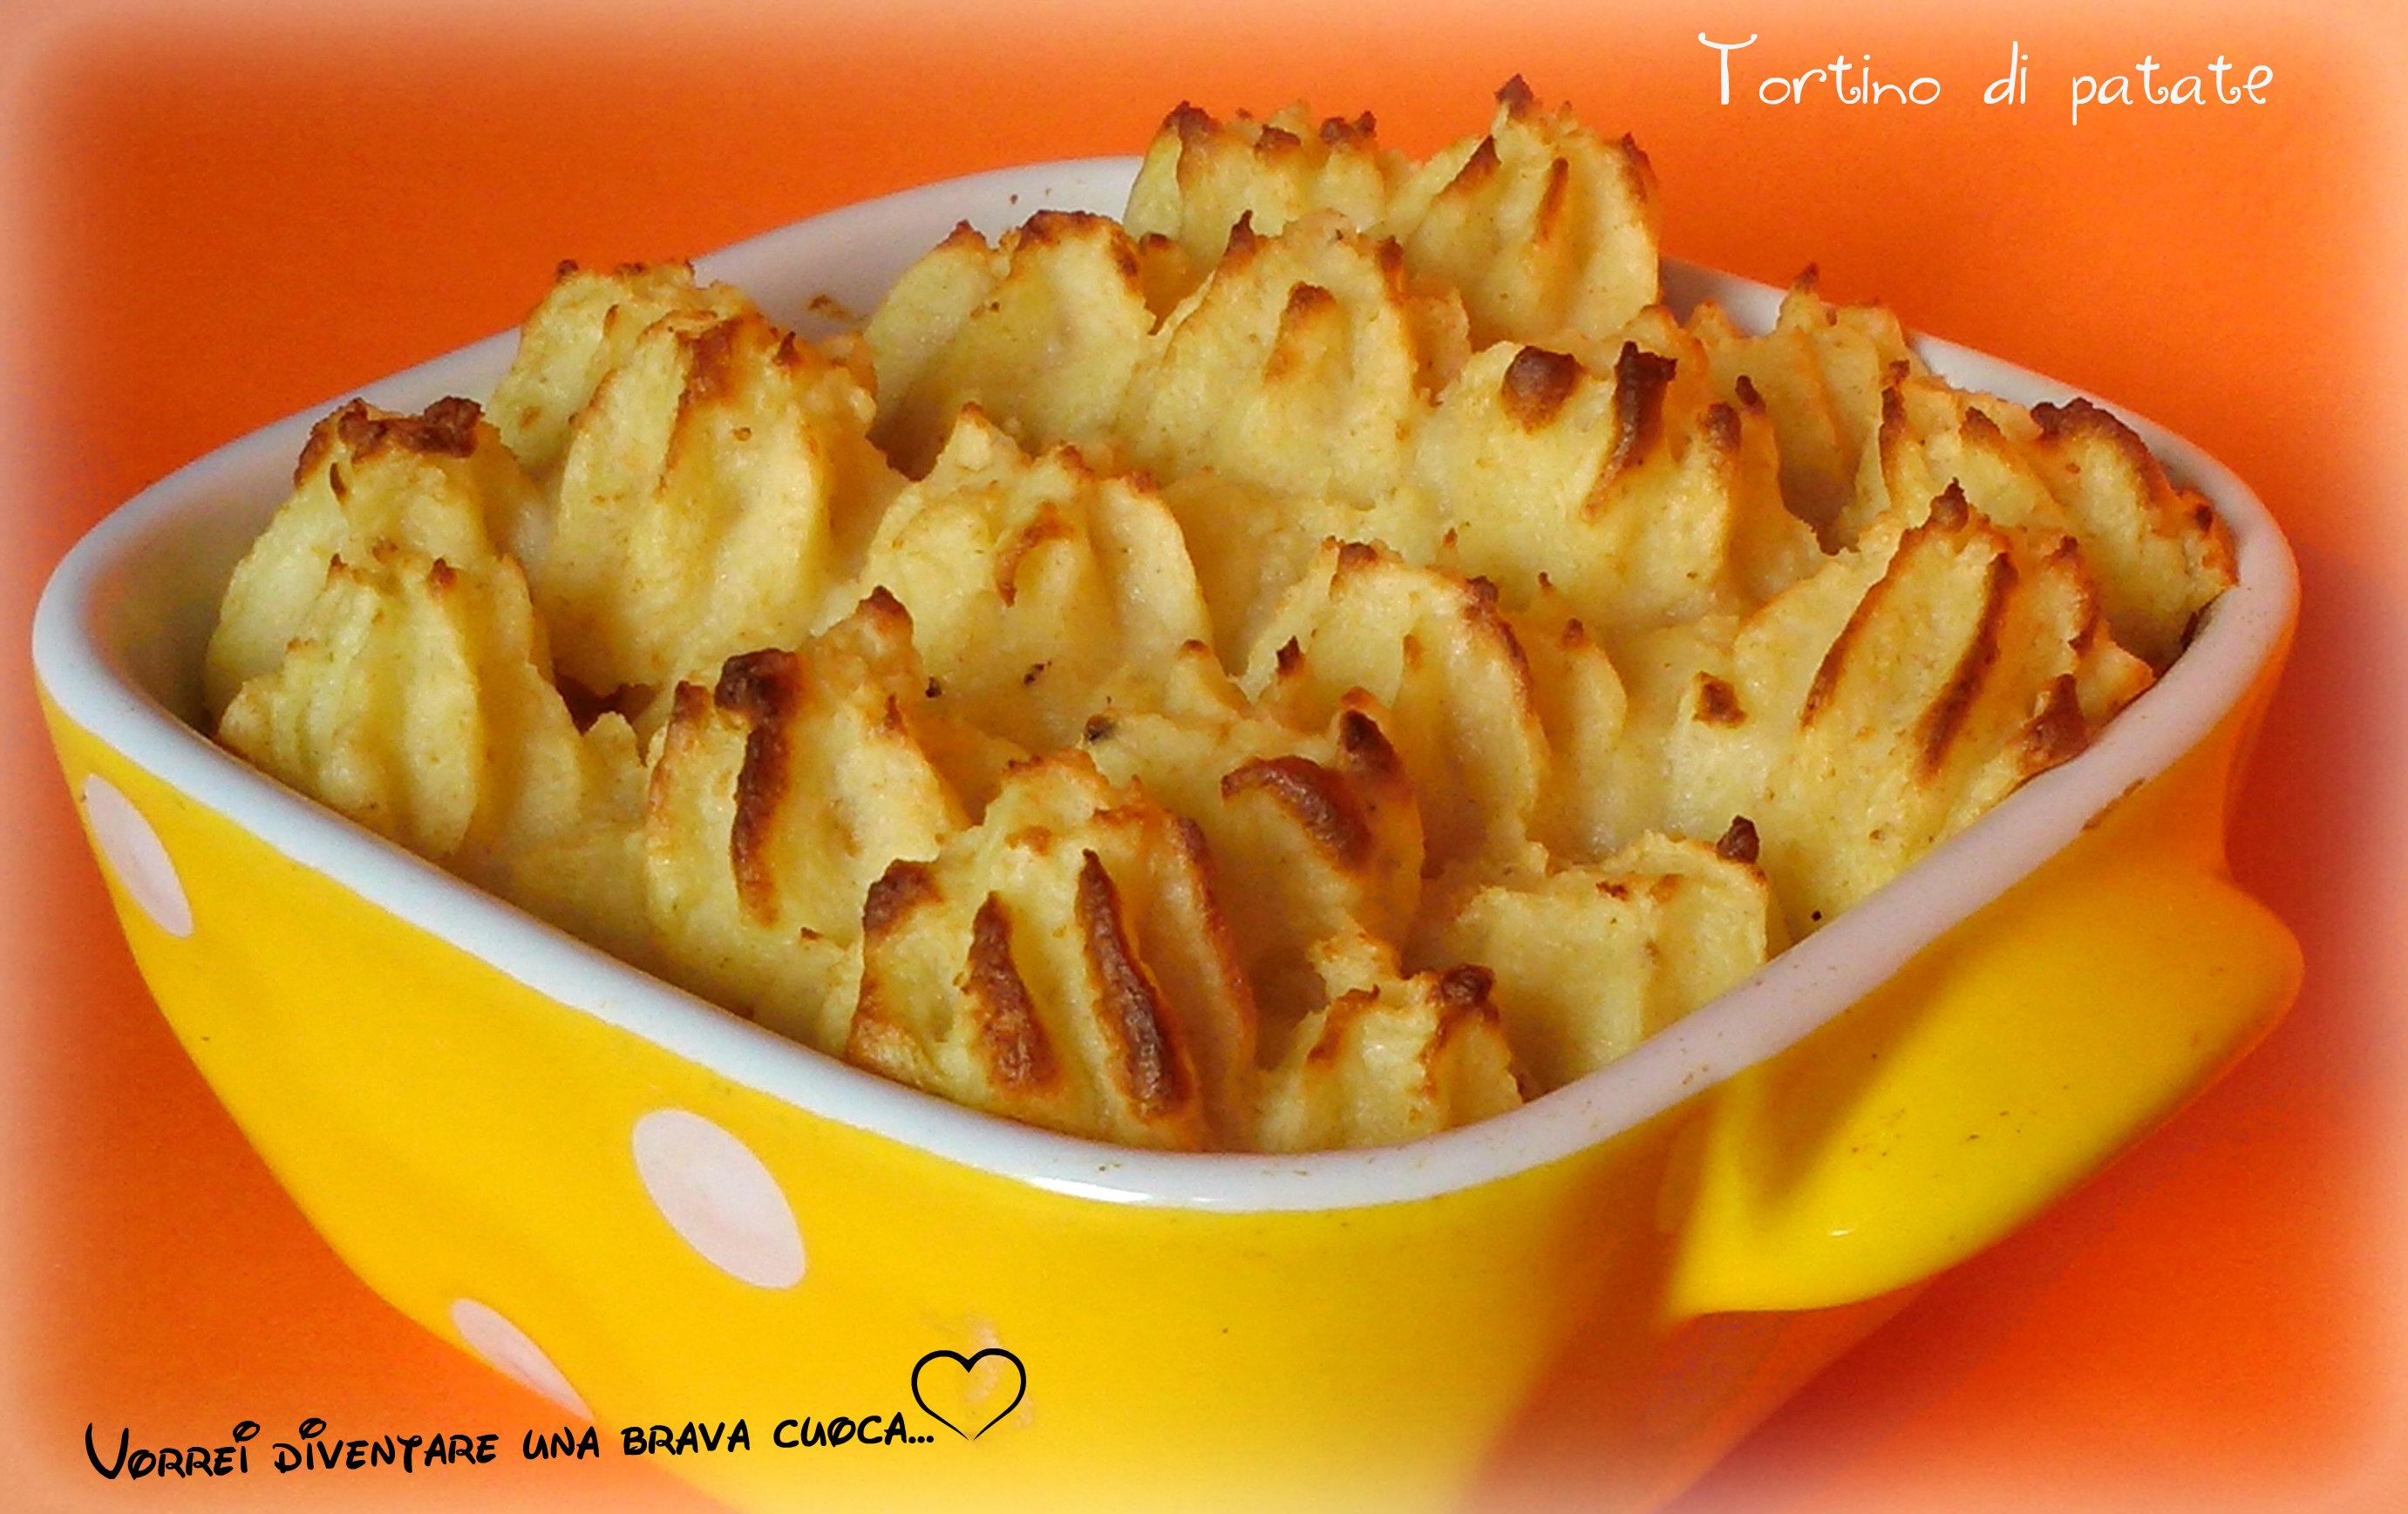 tortino patate2